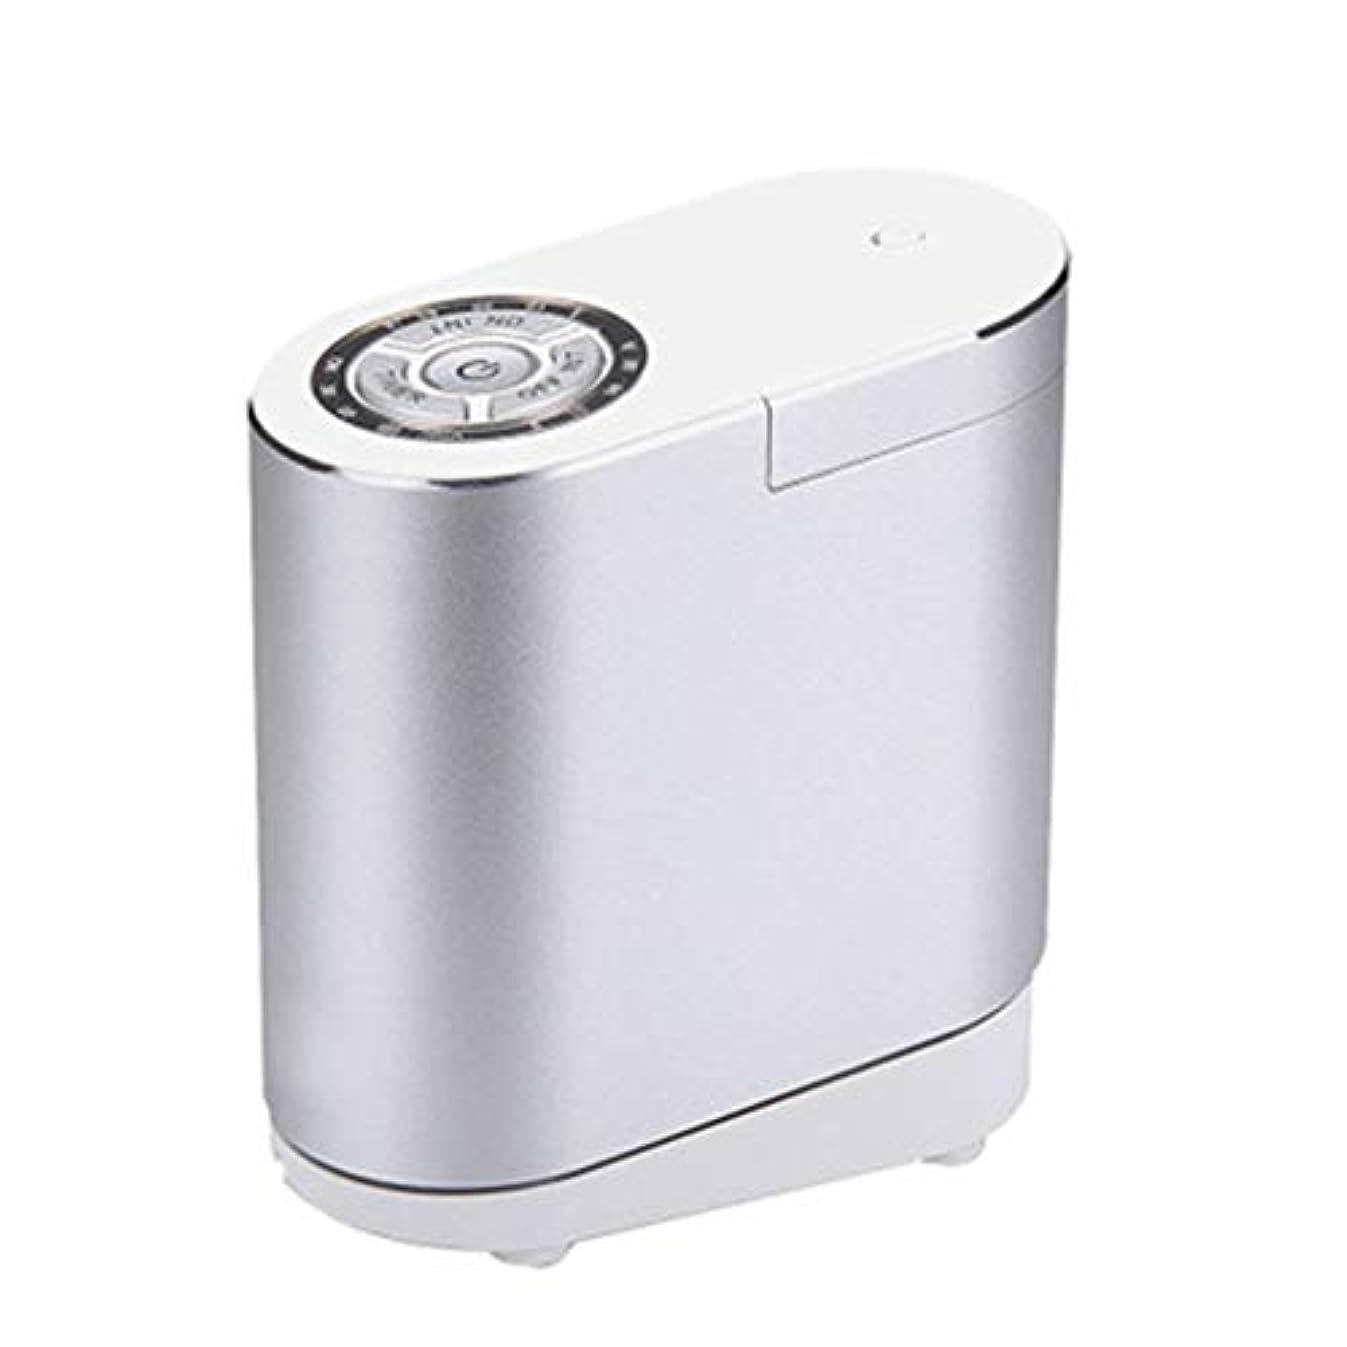 世紀一流ハーネスクールミスト空気加湿器、30ミリリットルディフューザーエアコン、4Sショップのリビングルームの研究寝室のオフィスに適して (Color : Silver)